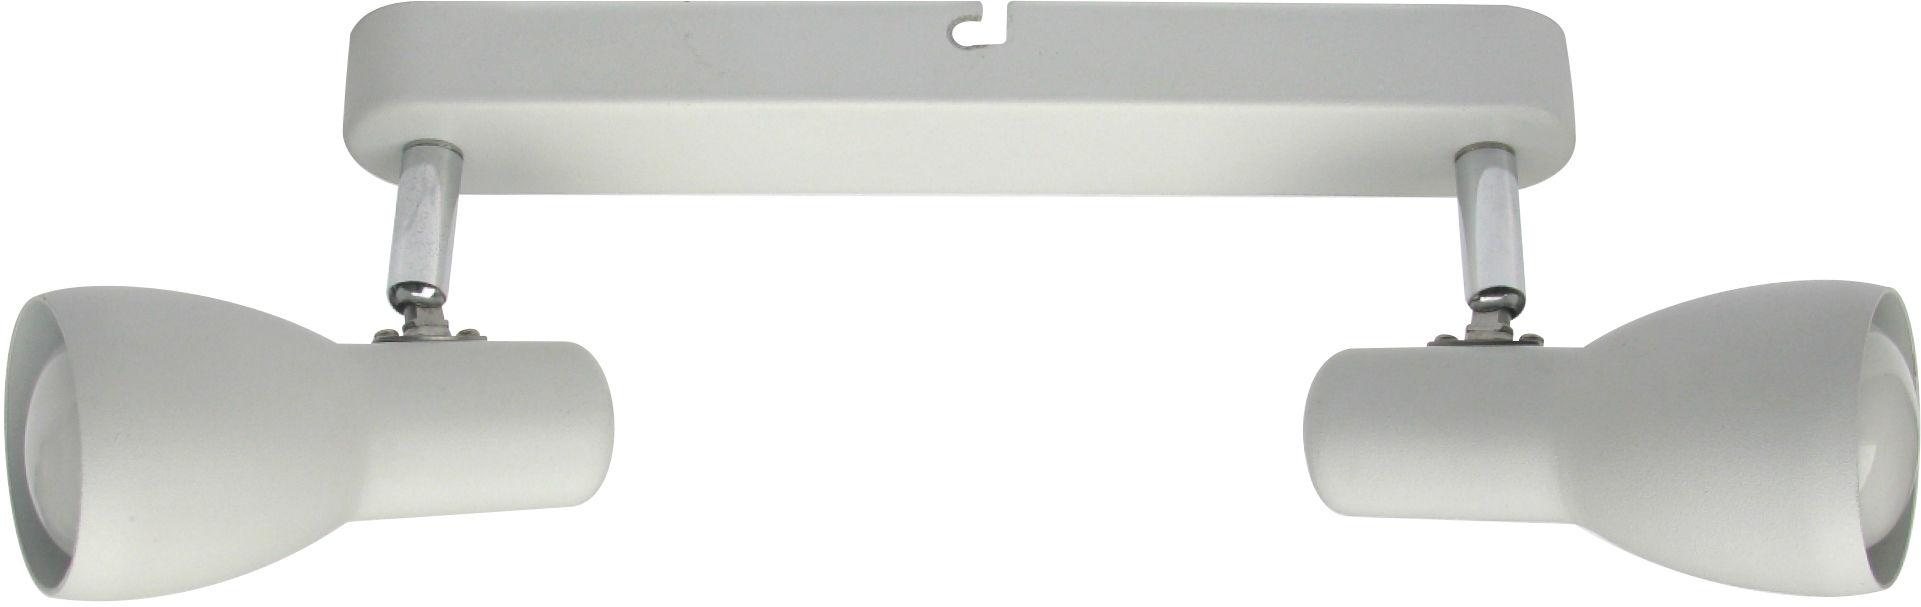 Candellux PICARDO 92-44181 oprawa oświetleniowa biały mat stalowy klosz 2X40W E14 36cm